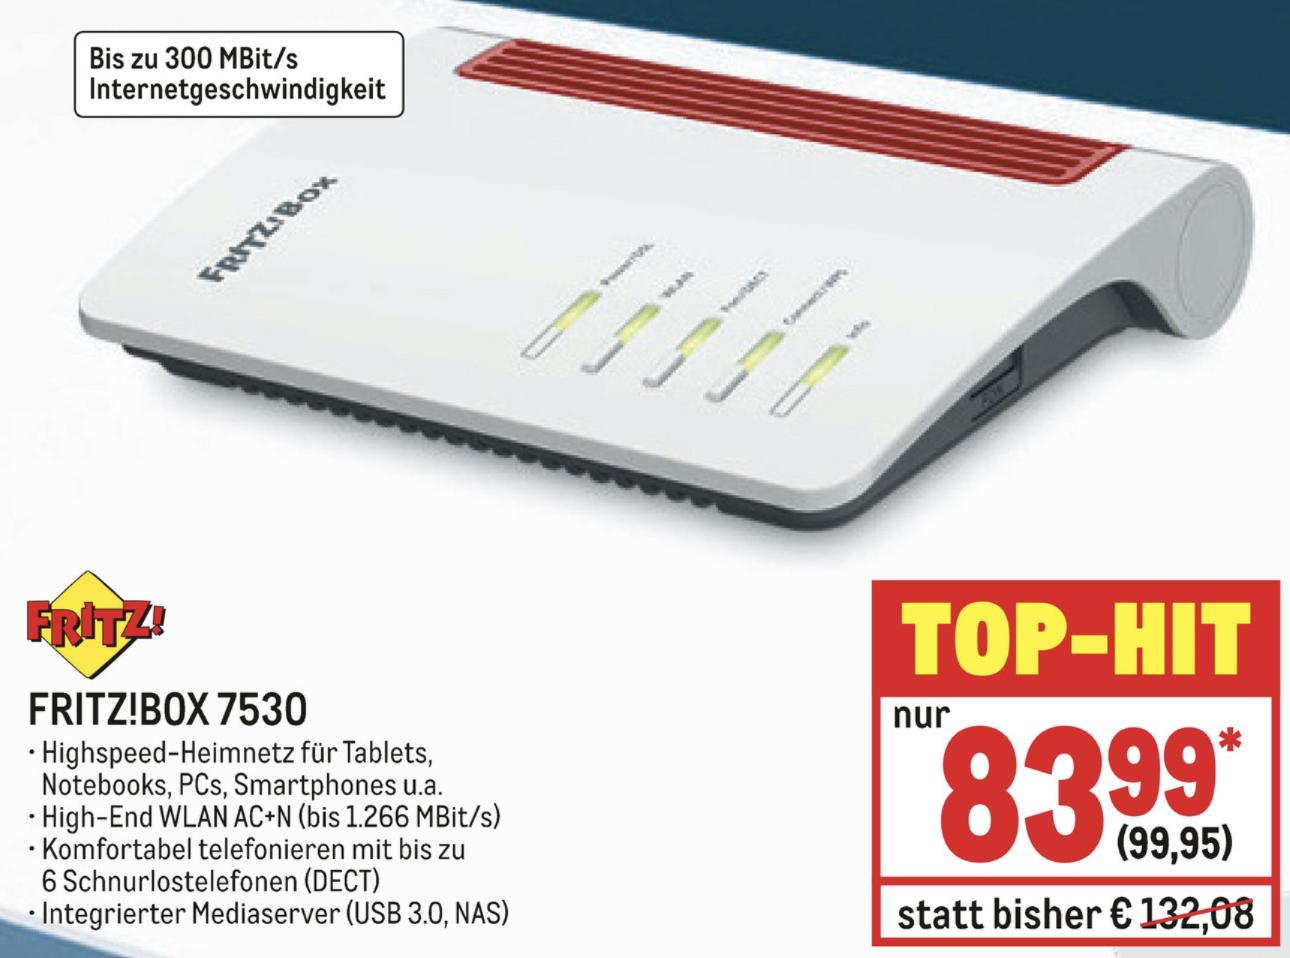 Metro ab 26.09.: AVM Fritz!Box 7530 WLAN-Router für 99,95€ - [Gewerbe o. Verein erforderlich]